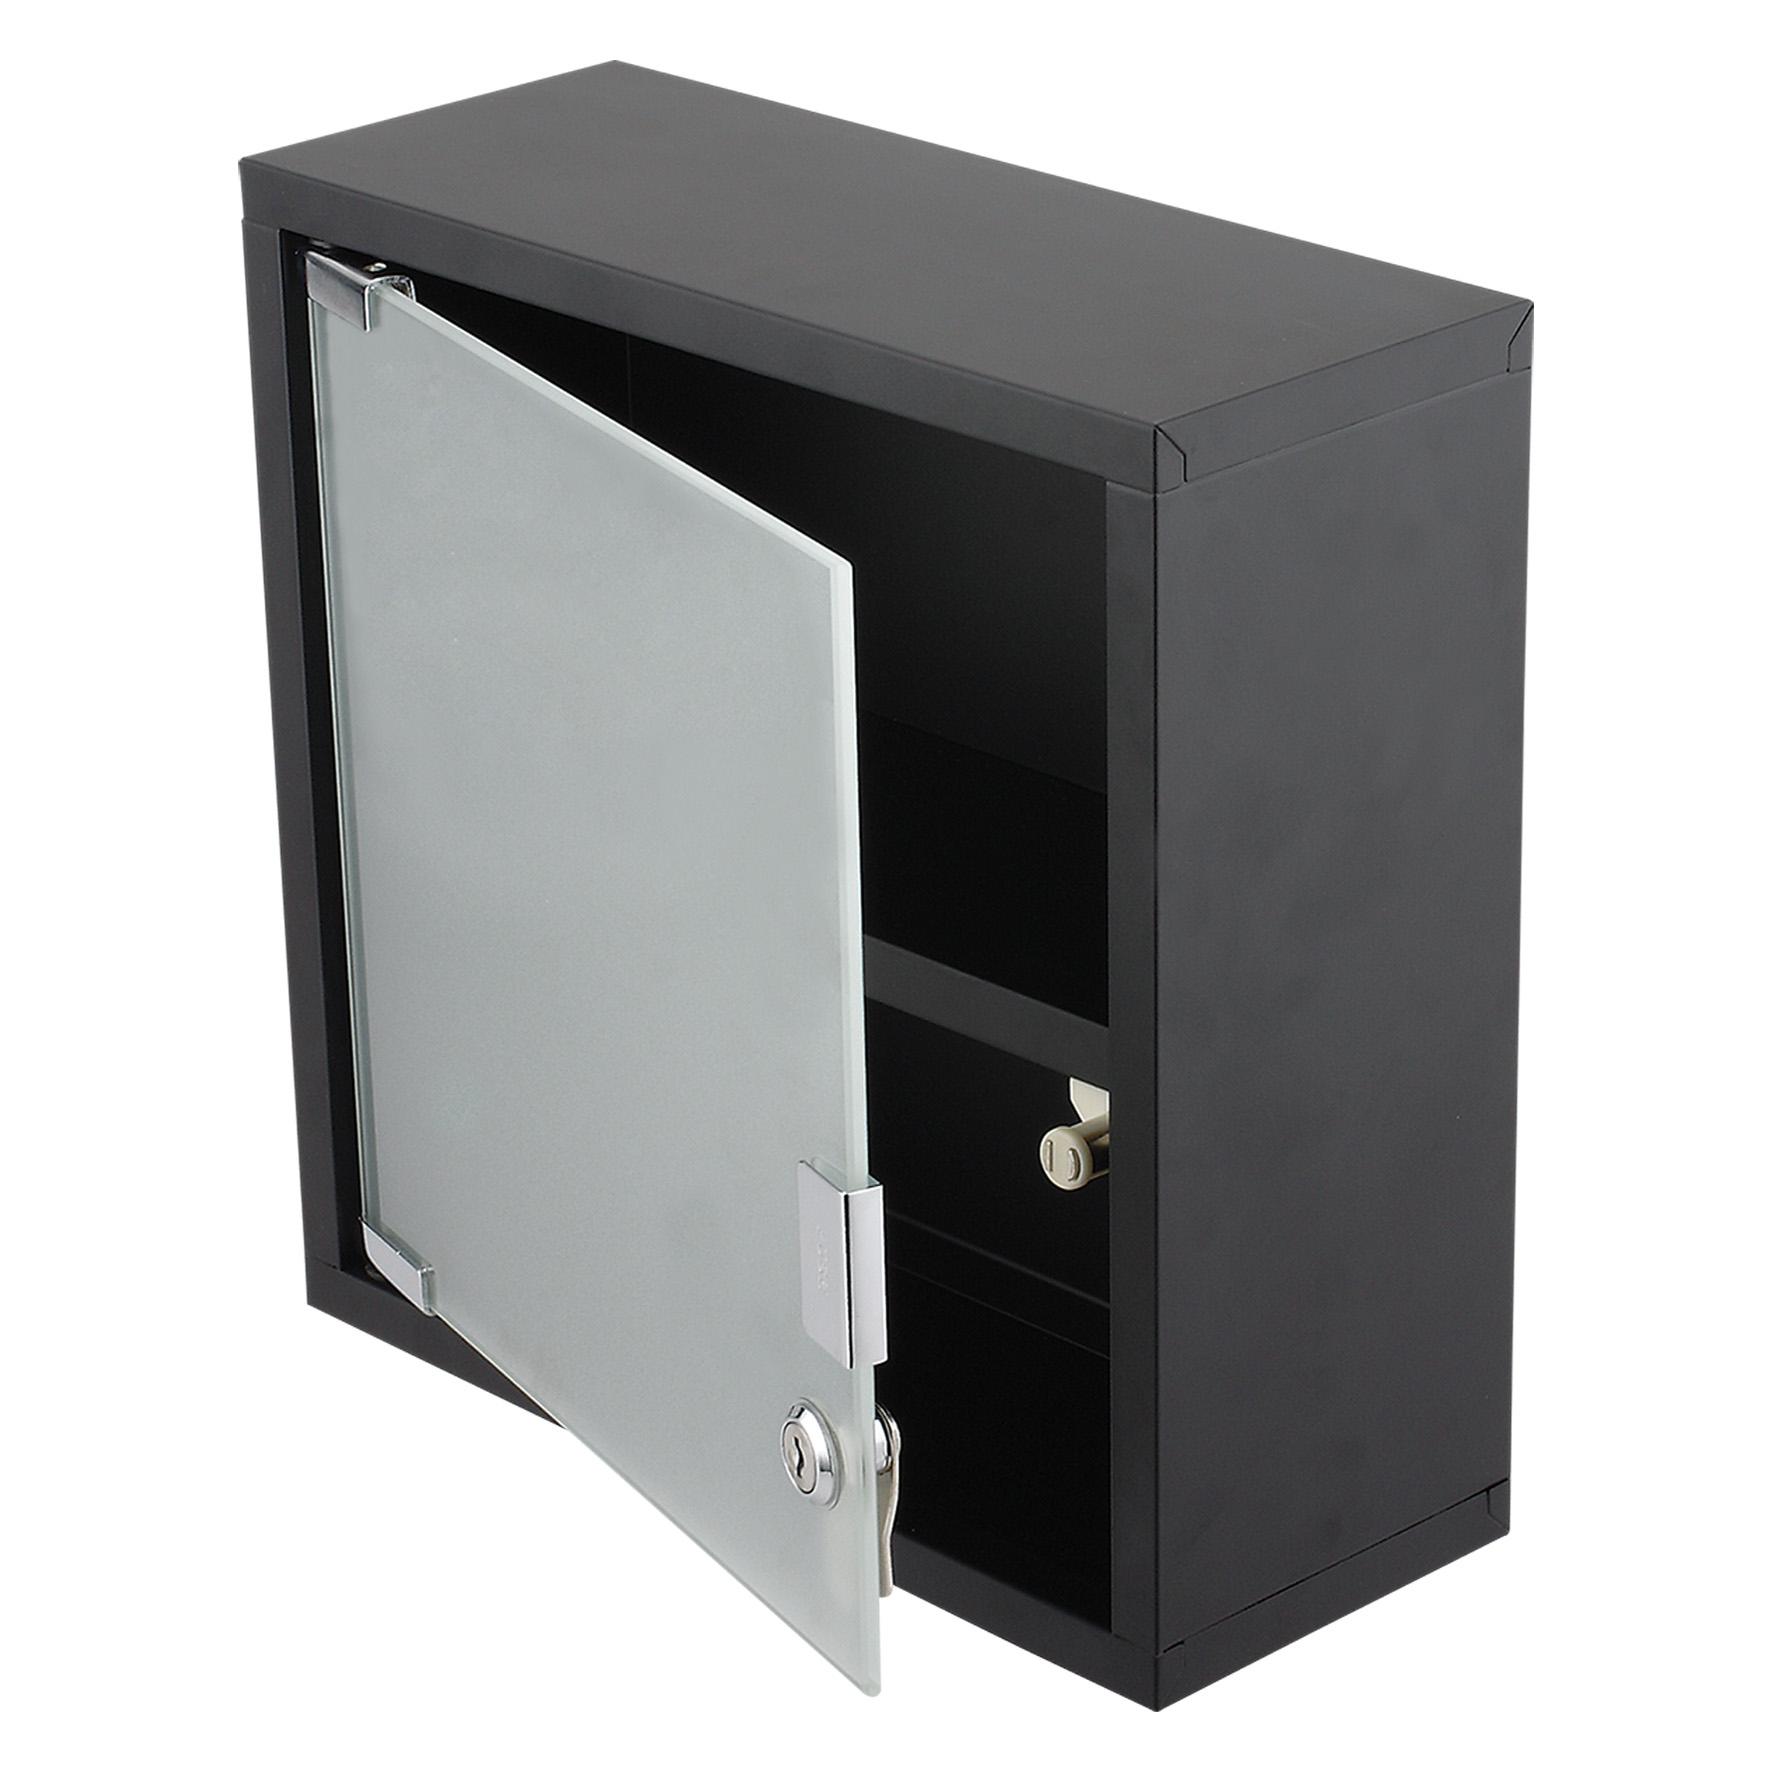 Differnz Quadro kubuskast 30x30x12cm zwart